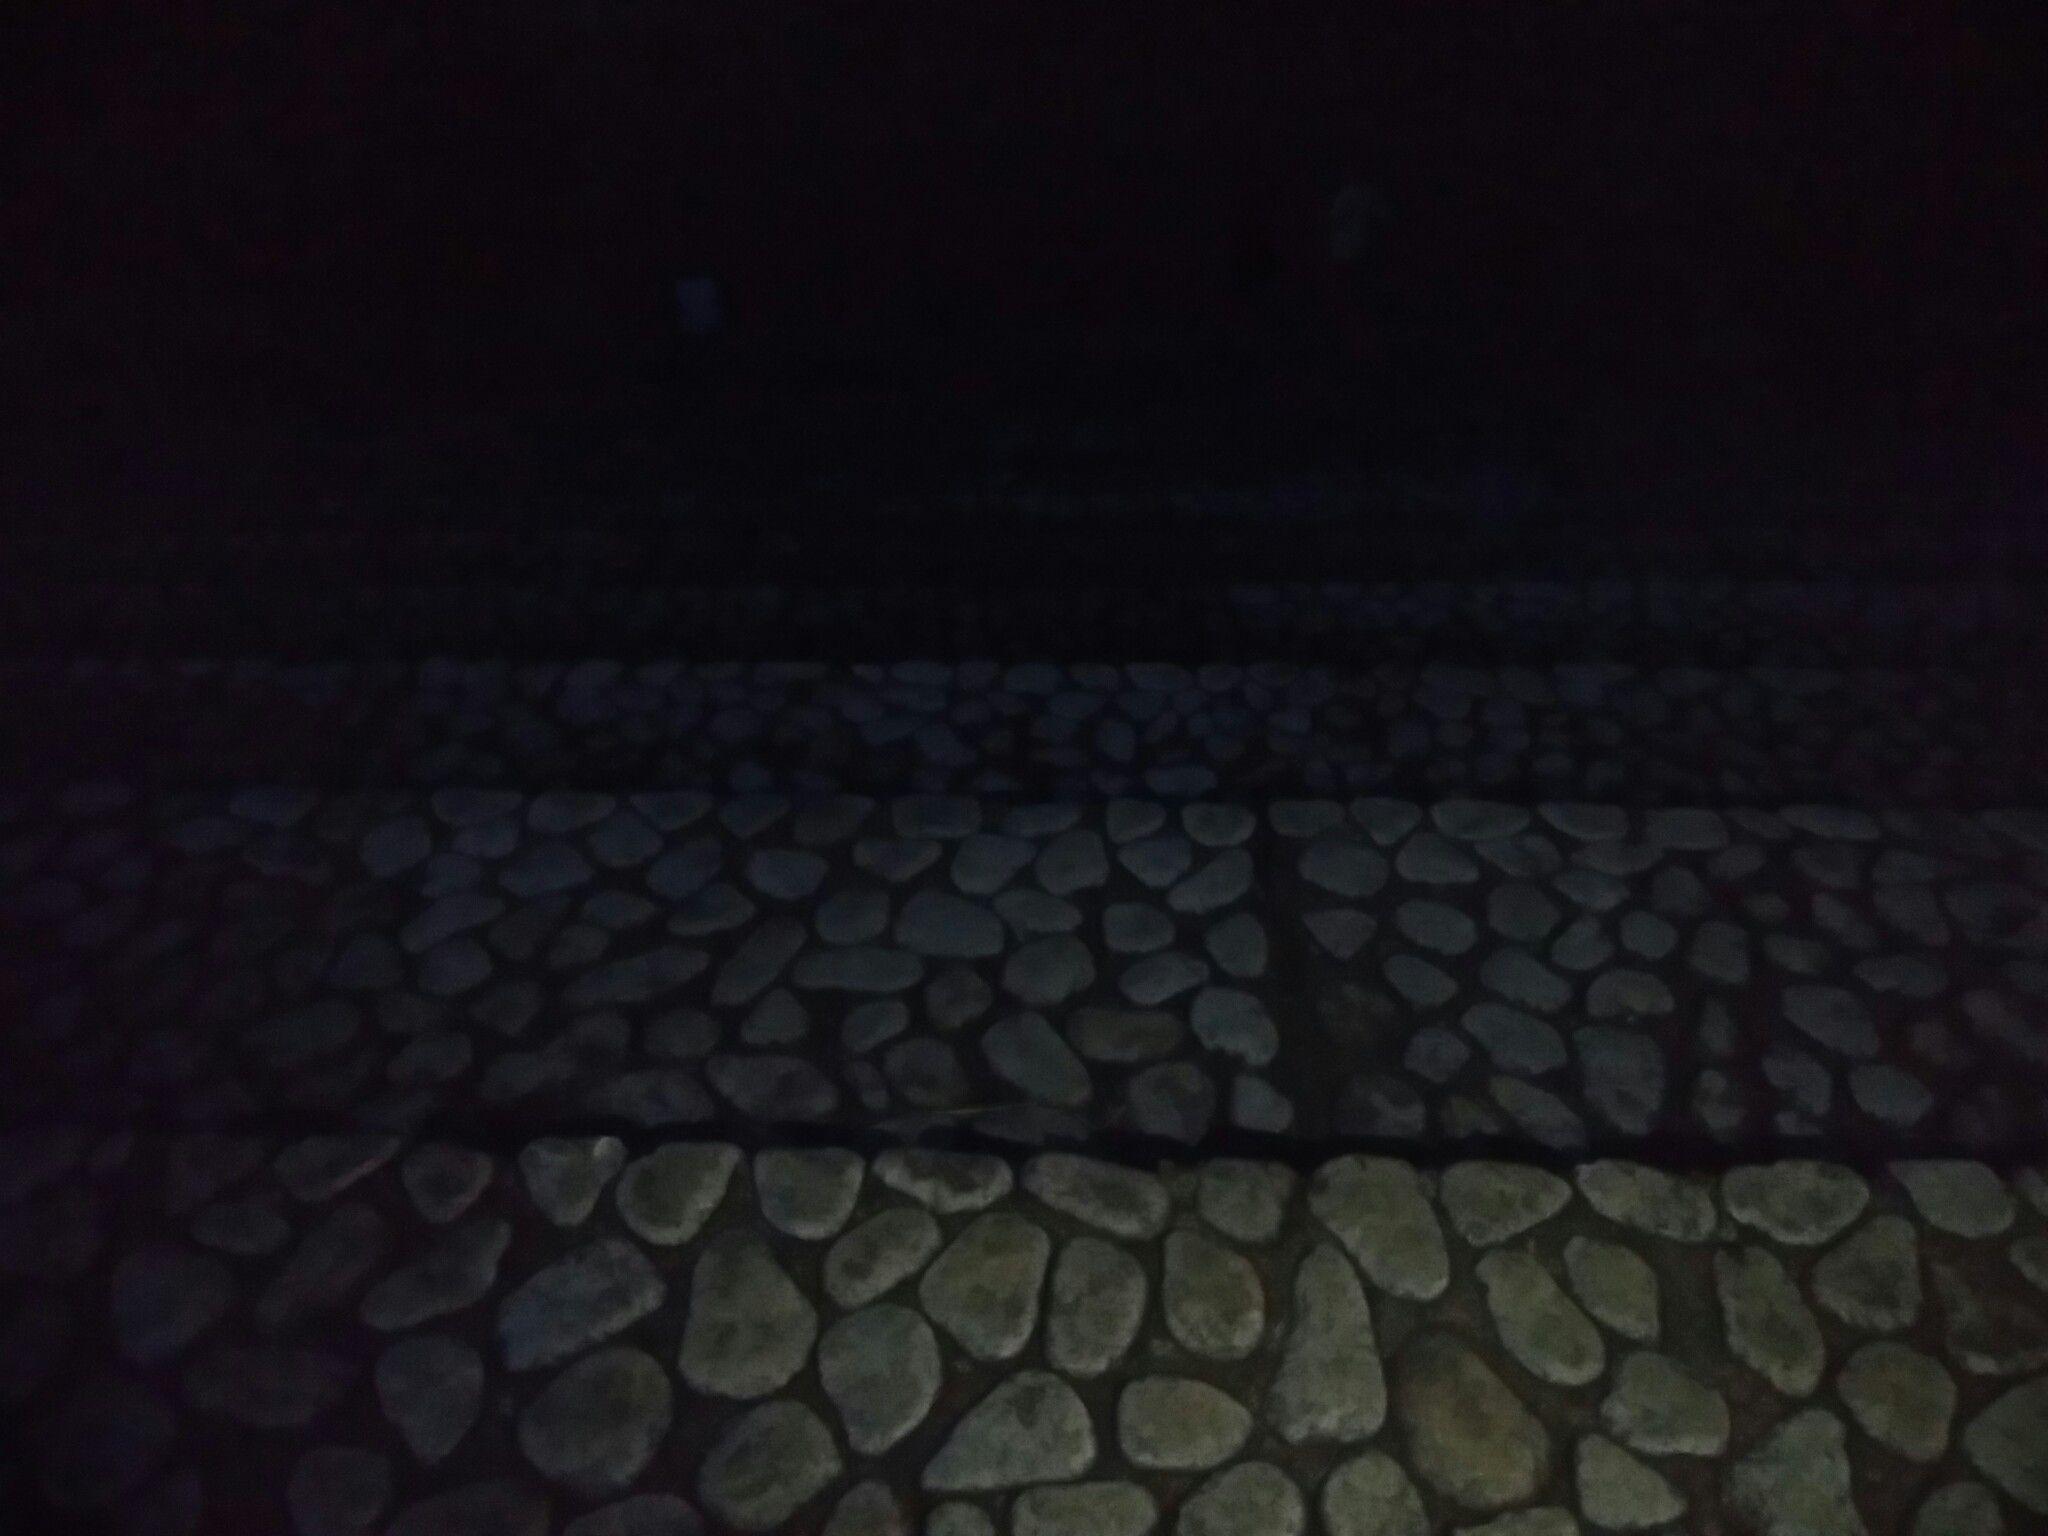 じょんのび館裏手の道路の向こう側にある石の階段